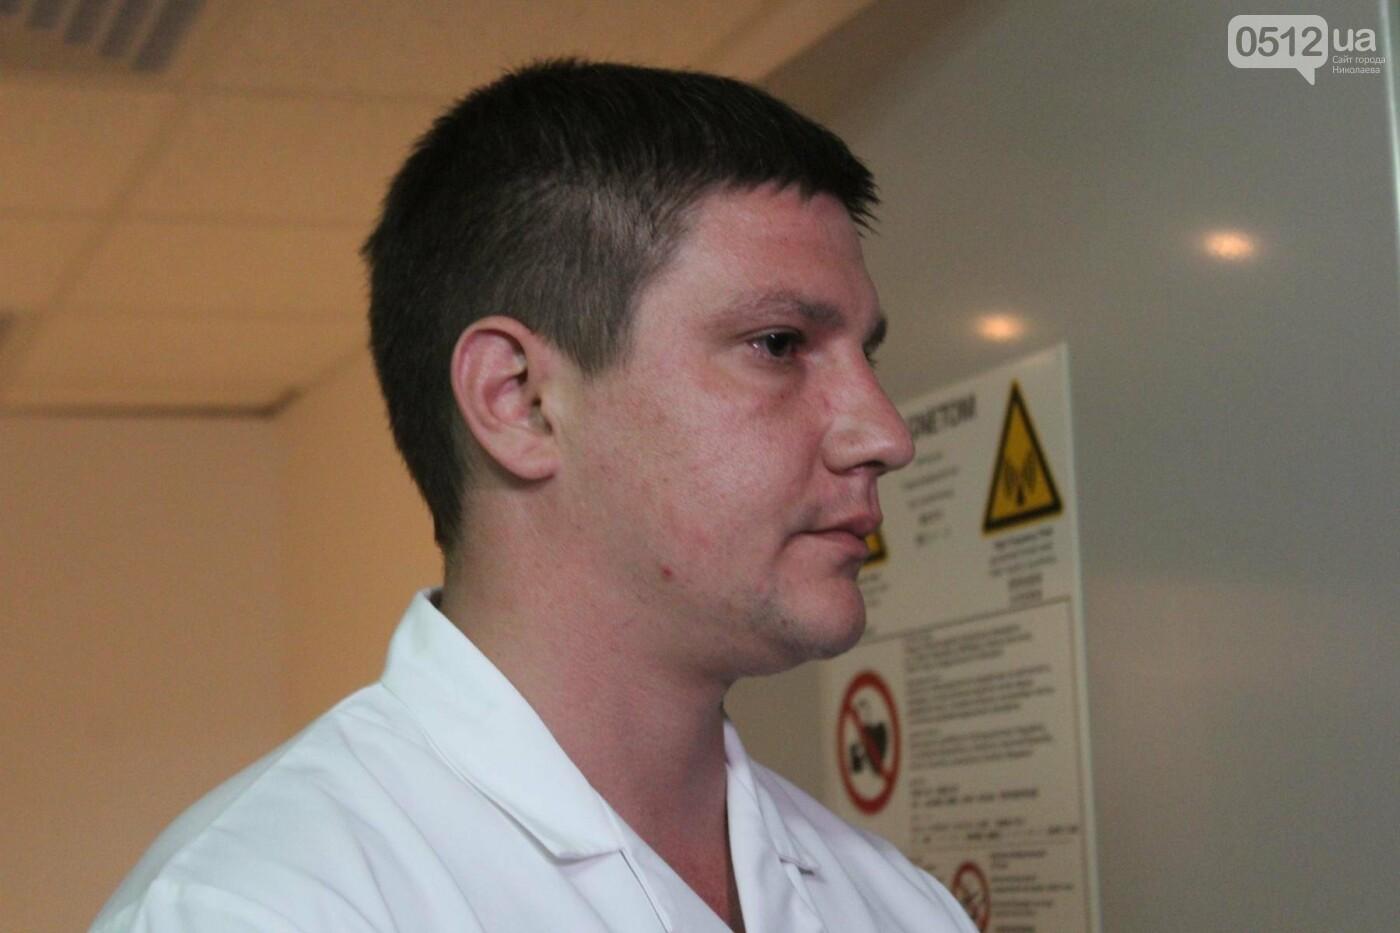 В Николаеве появился новый кабинет МРТ с более широким спектром услуг, фото-1